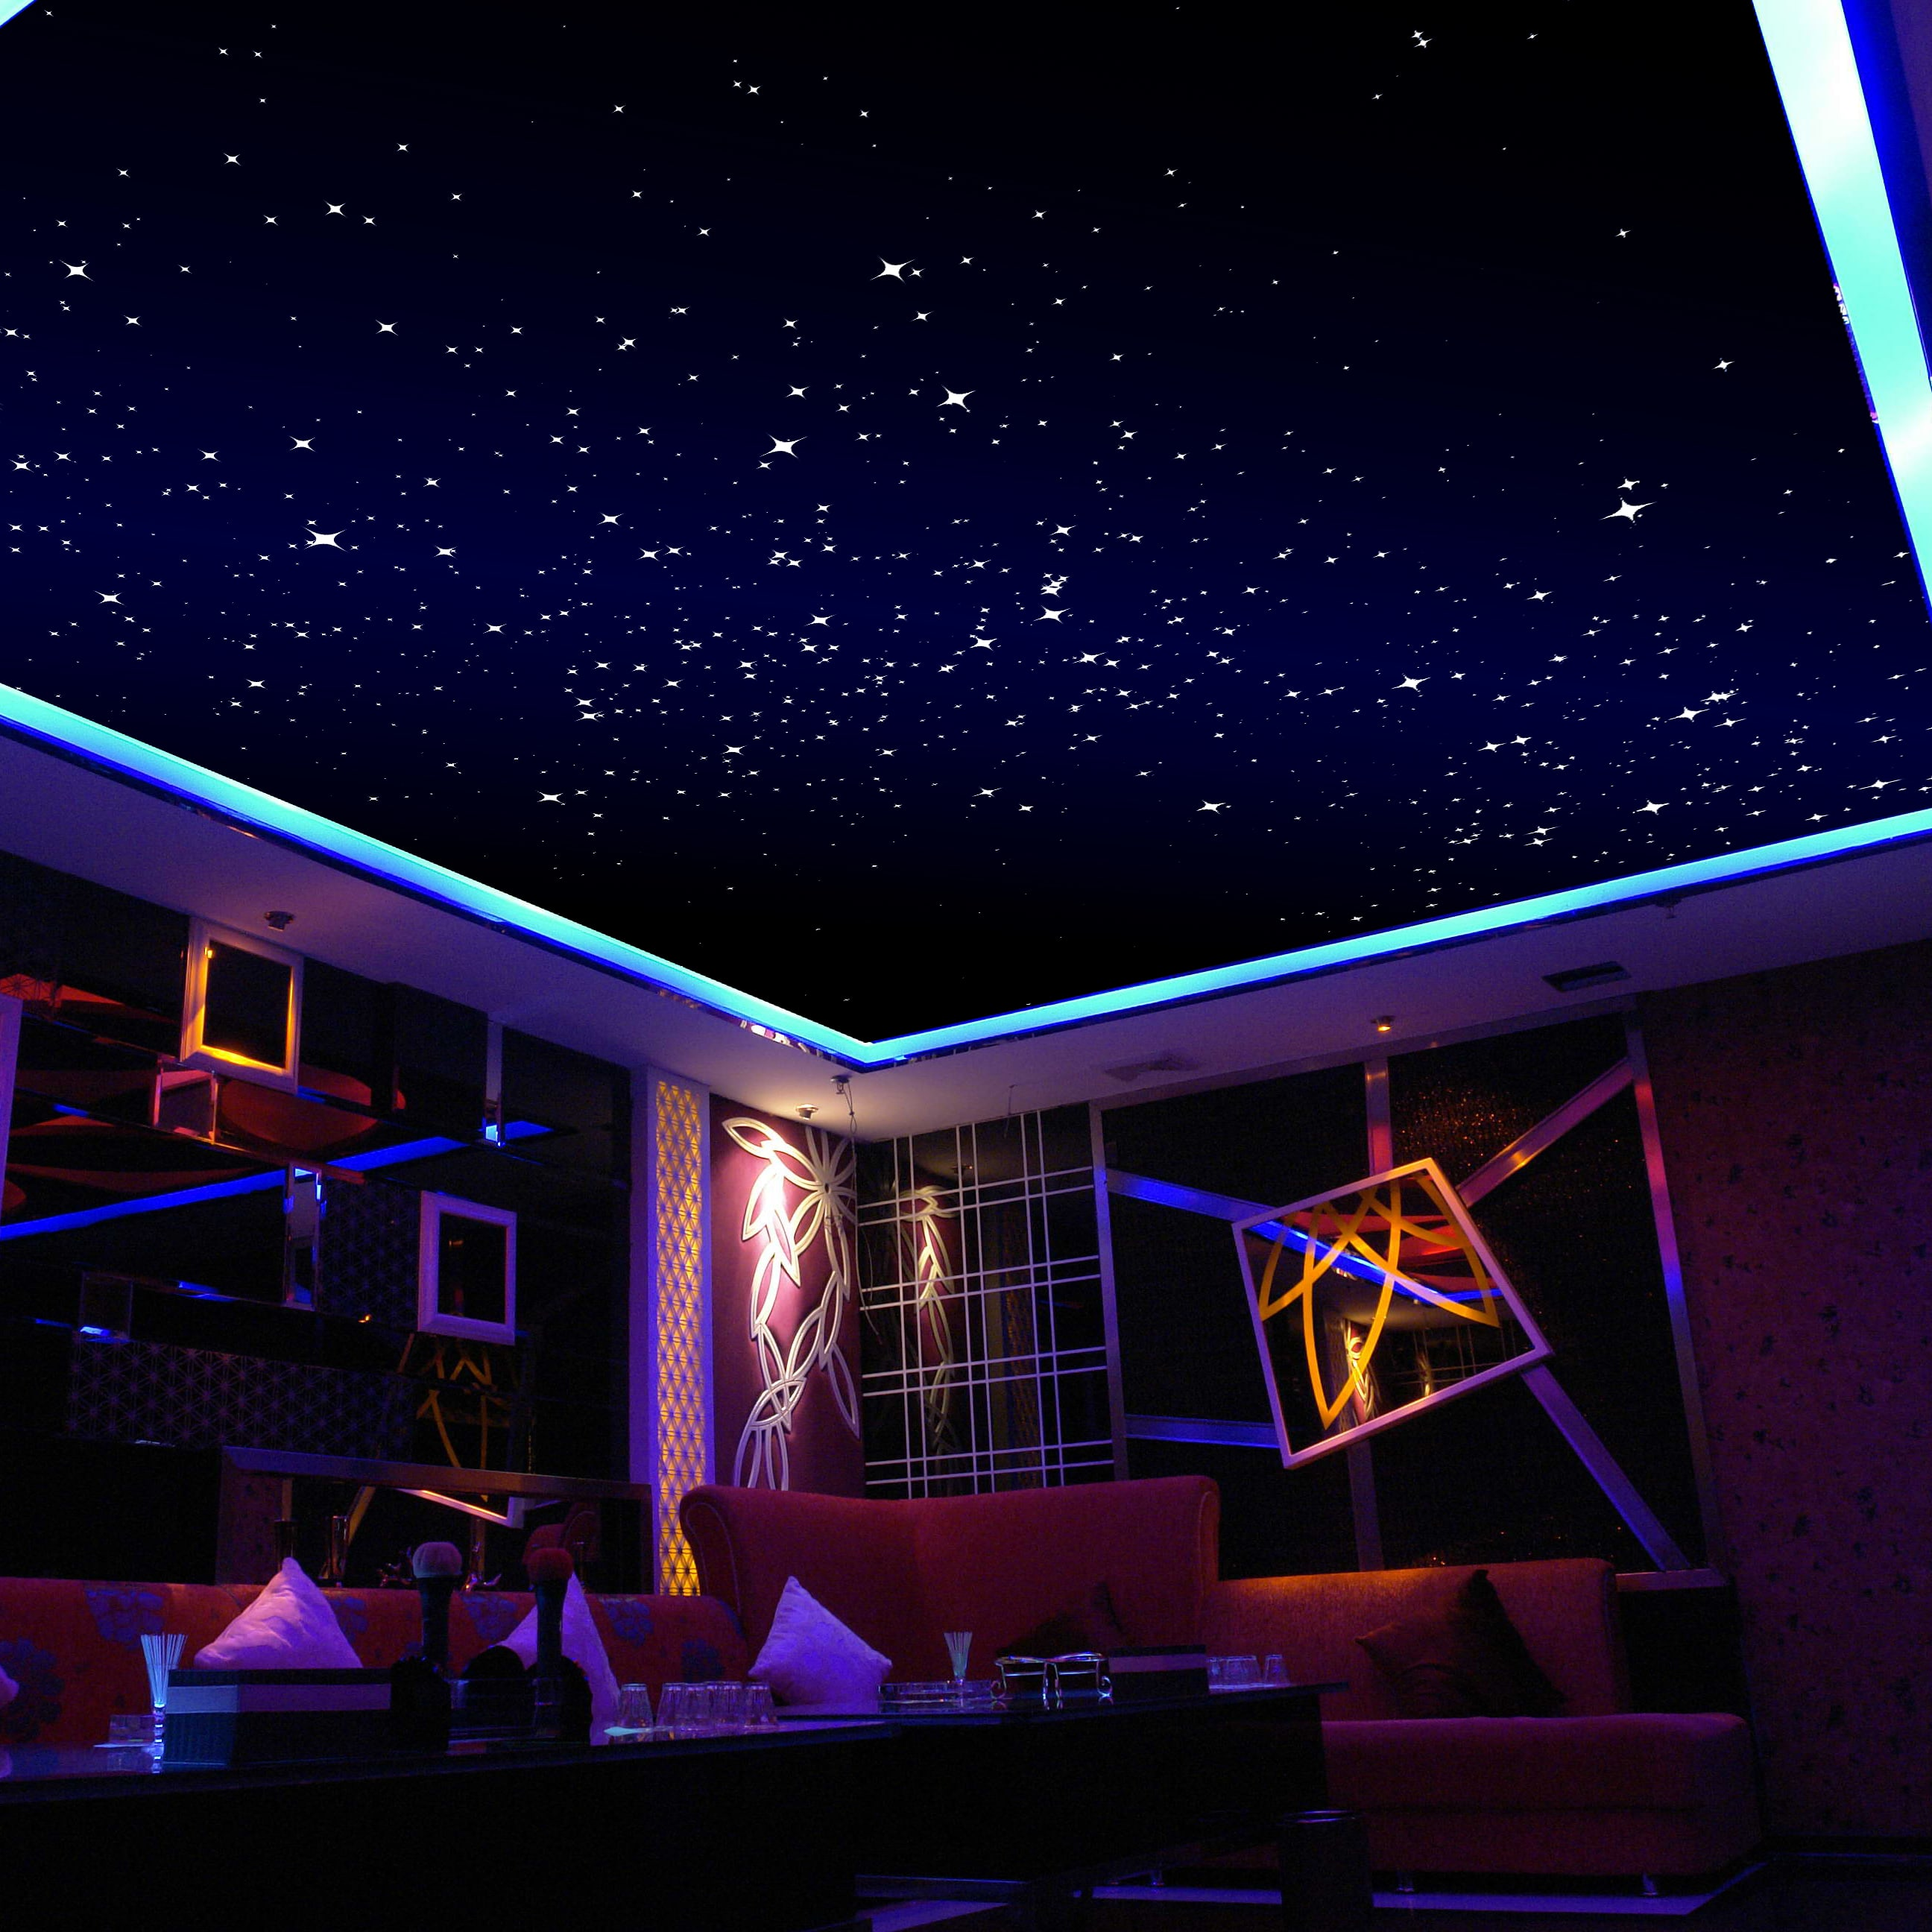 удобнее потолок в зале сиренево розовое звездное небо фото дорогах америки властвуют